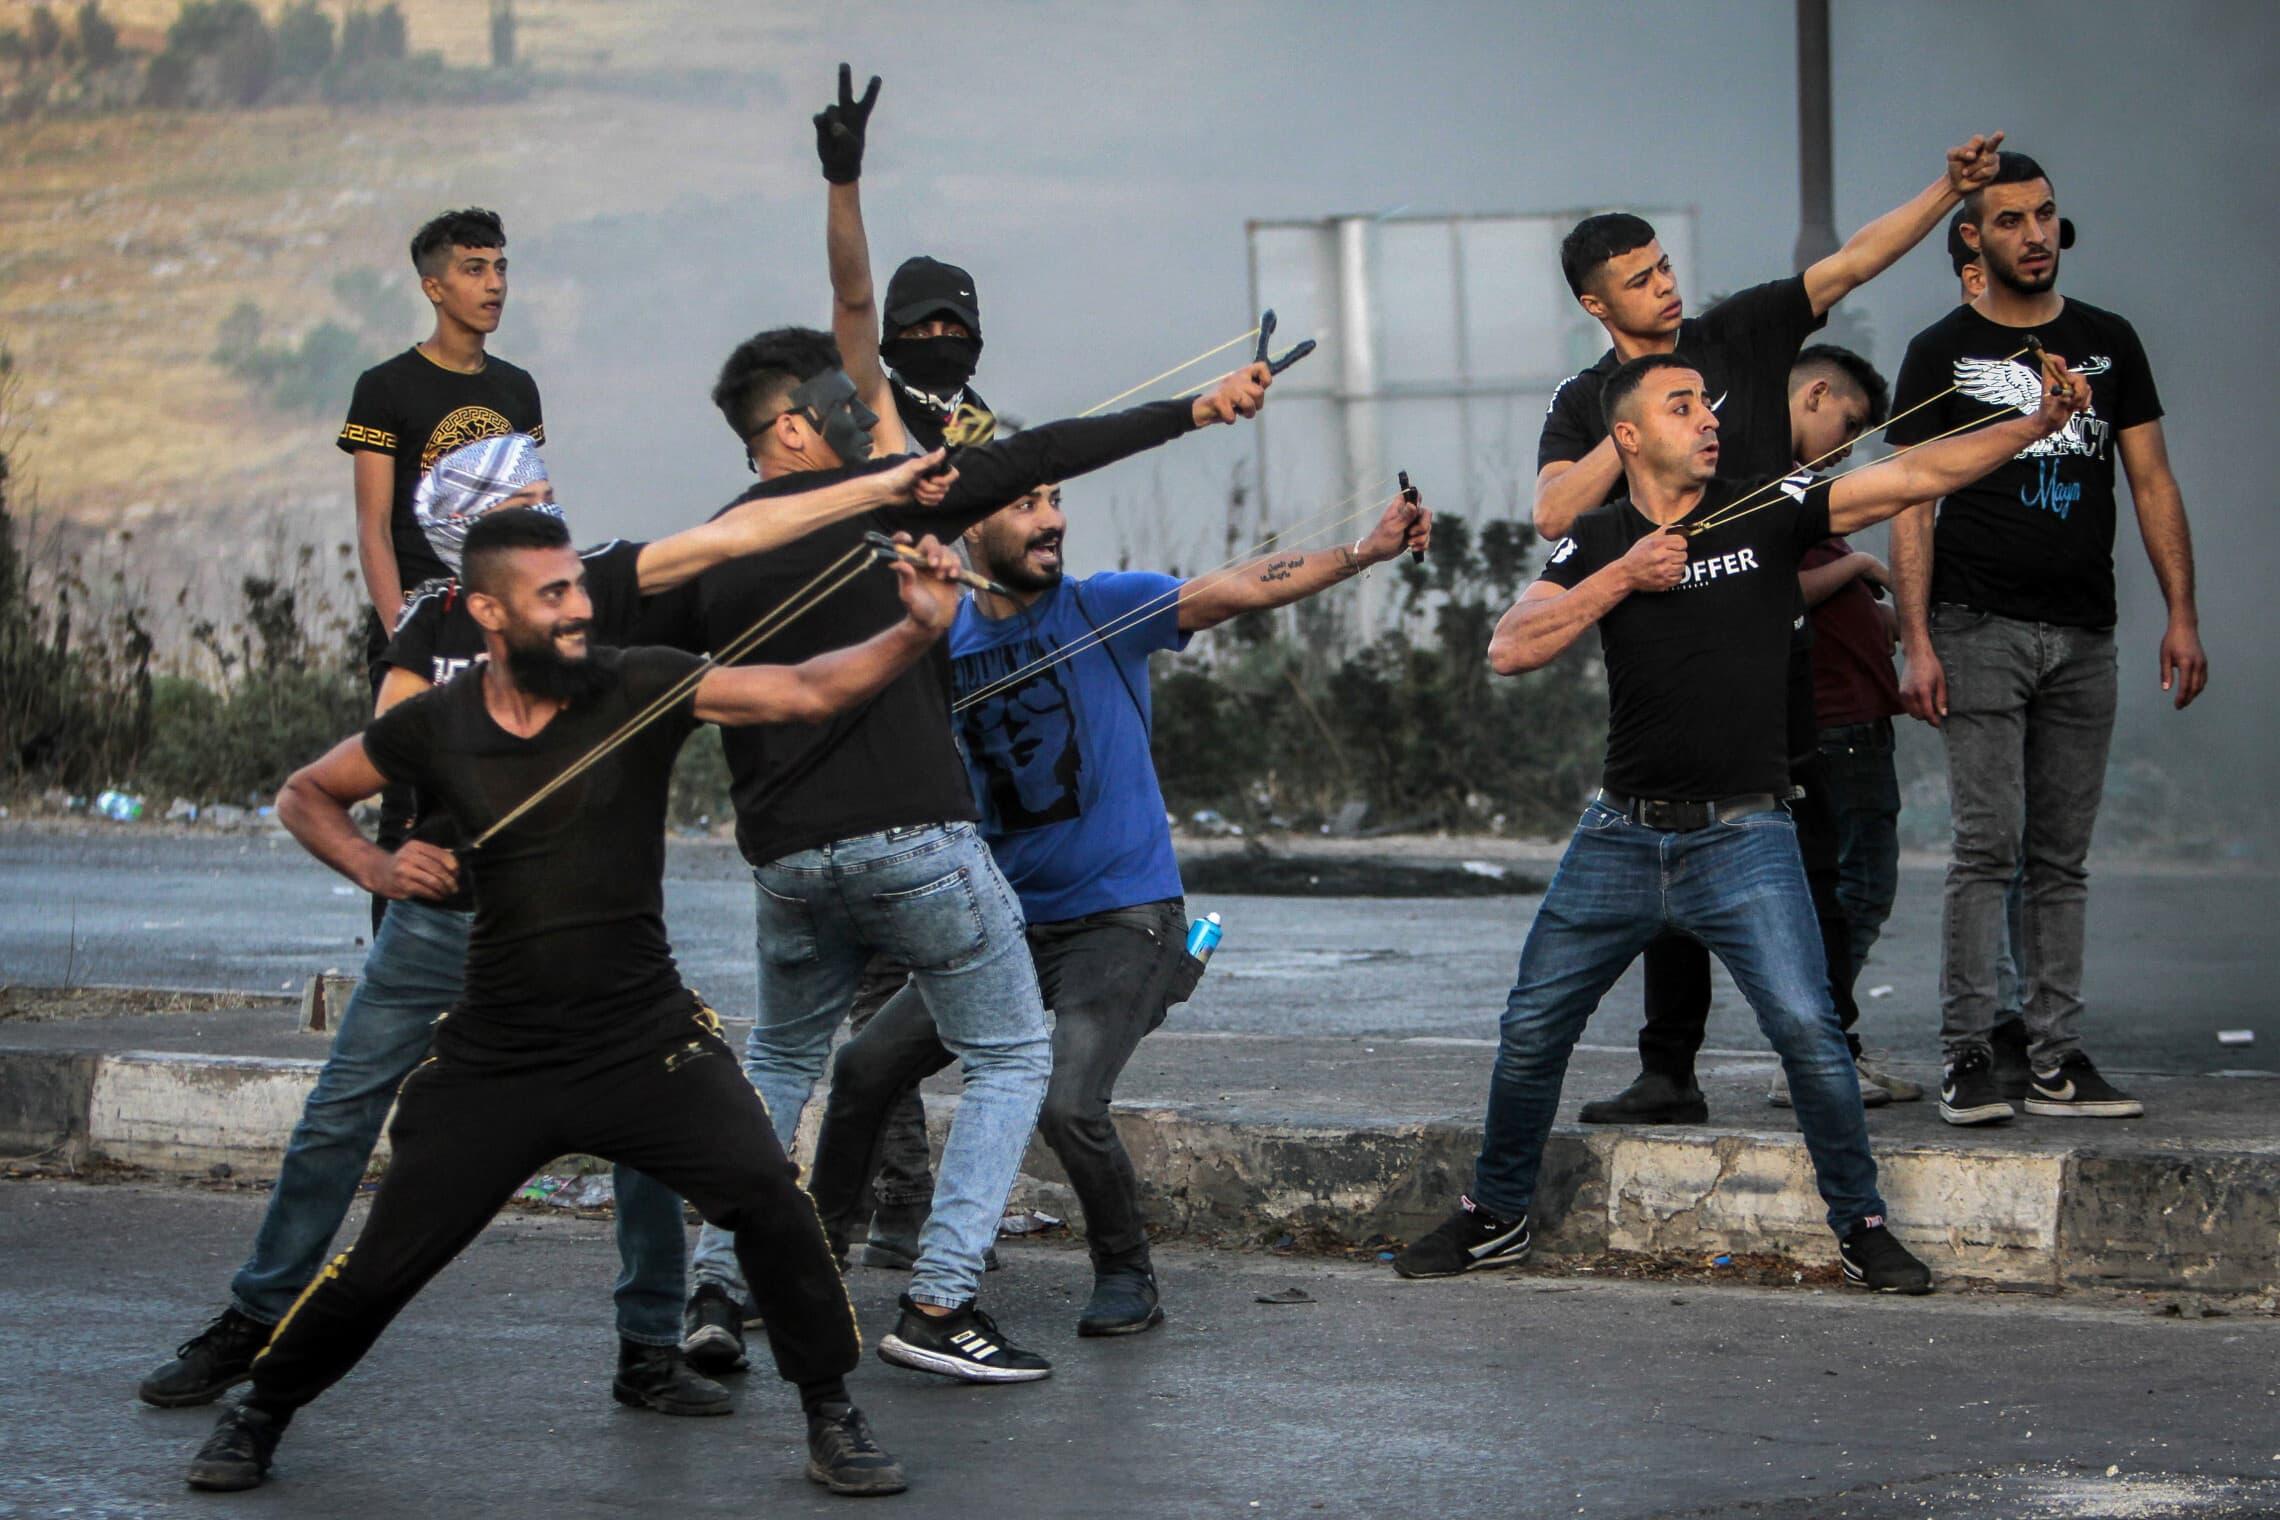 מהומות אלימות בין פלסטינים לכוחות הביטחון בחודש מאי 2021, אילוסטרציה (צילום: Nasser Ishtayeh/Flash90)